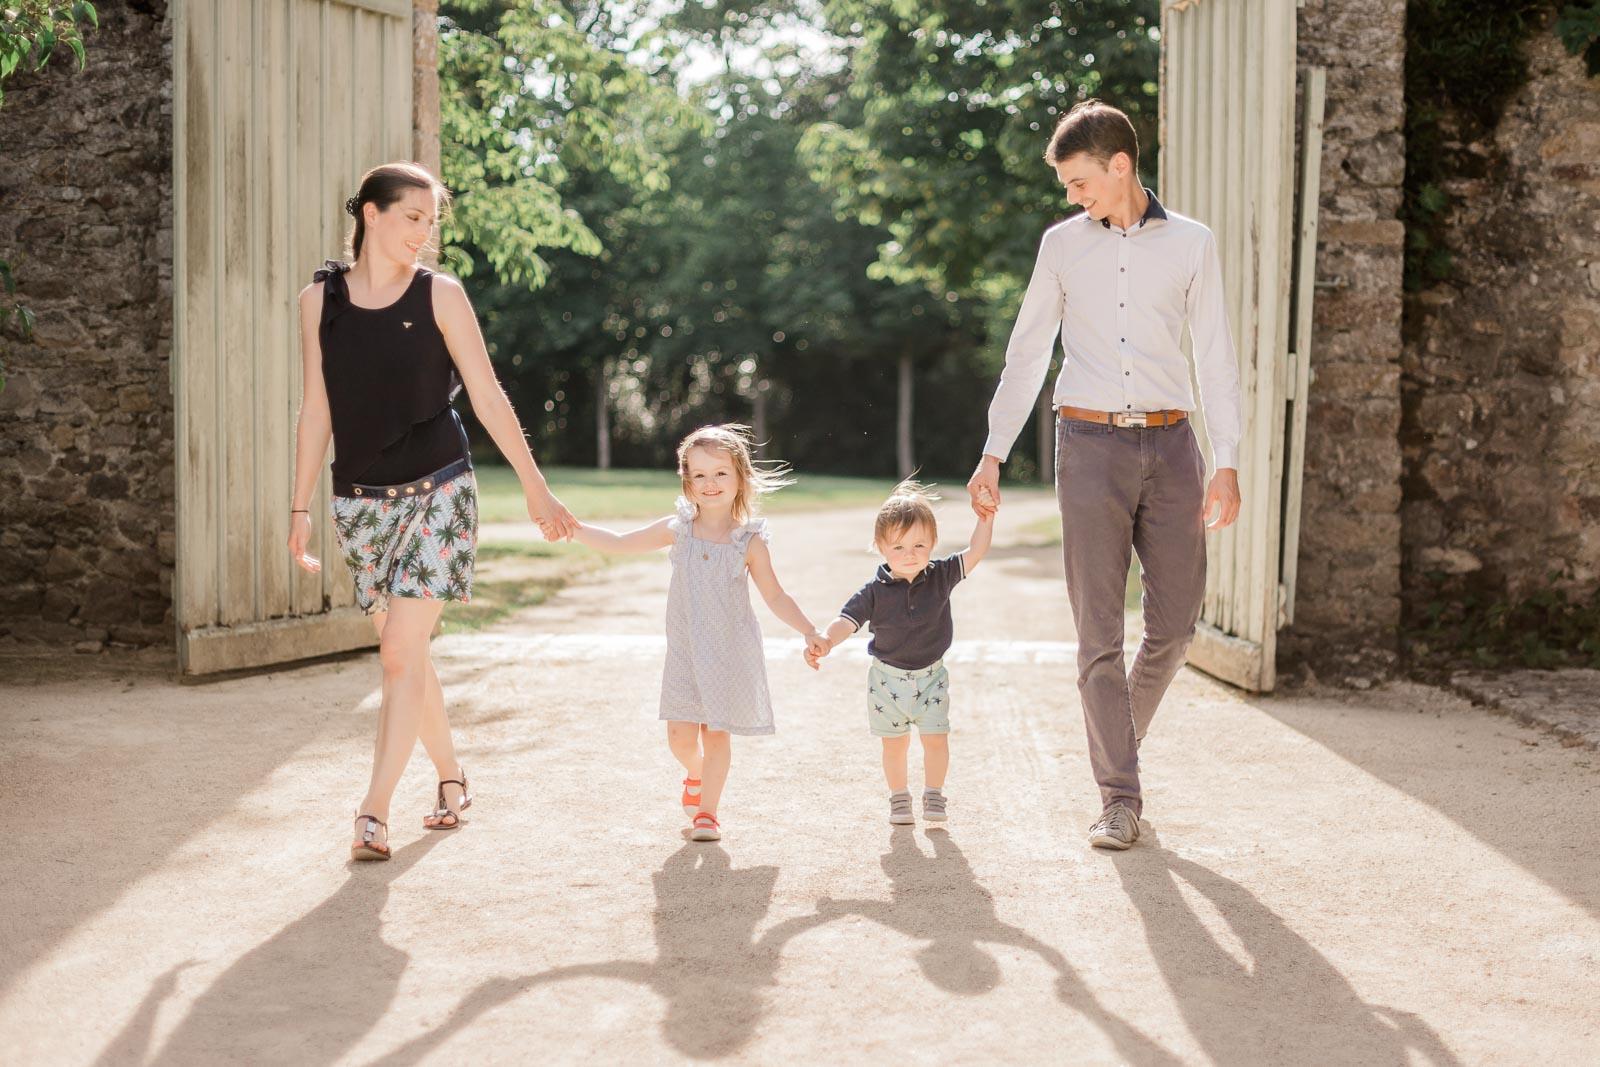 Photographie de Mathieu Dété, photographe famille La Réunion, présentant une famille de parents et leurs deux enfants se tenant par la main à Saint Philippe